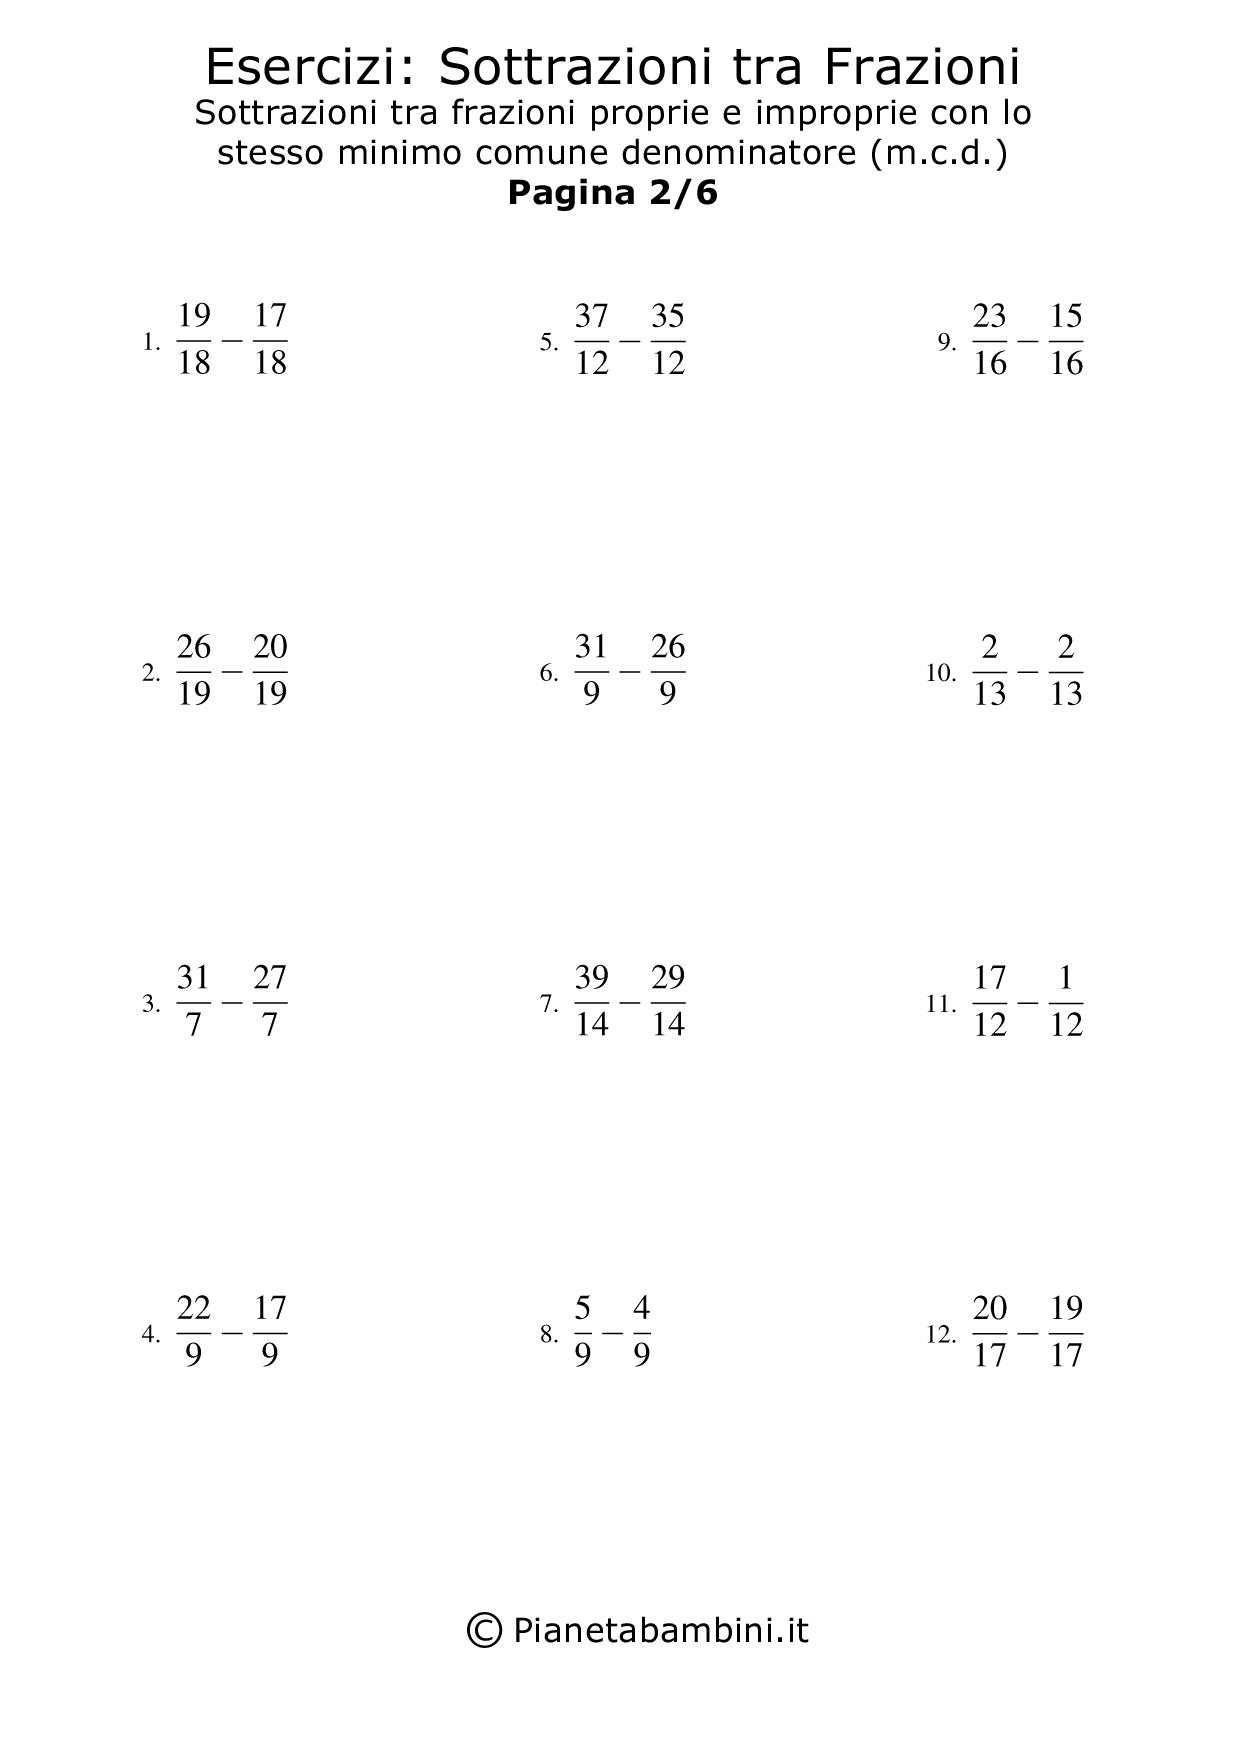 Sottrazioni-Frazioni-m.c.d.-Uguale_2